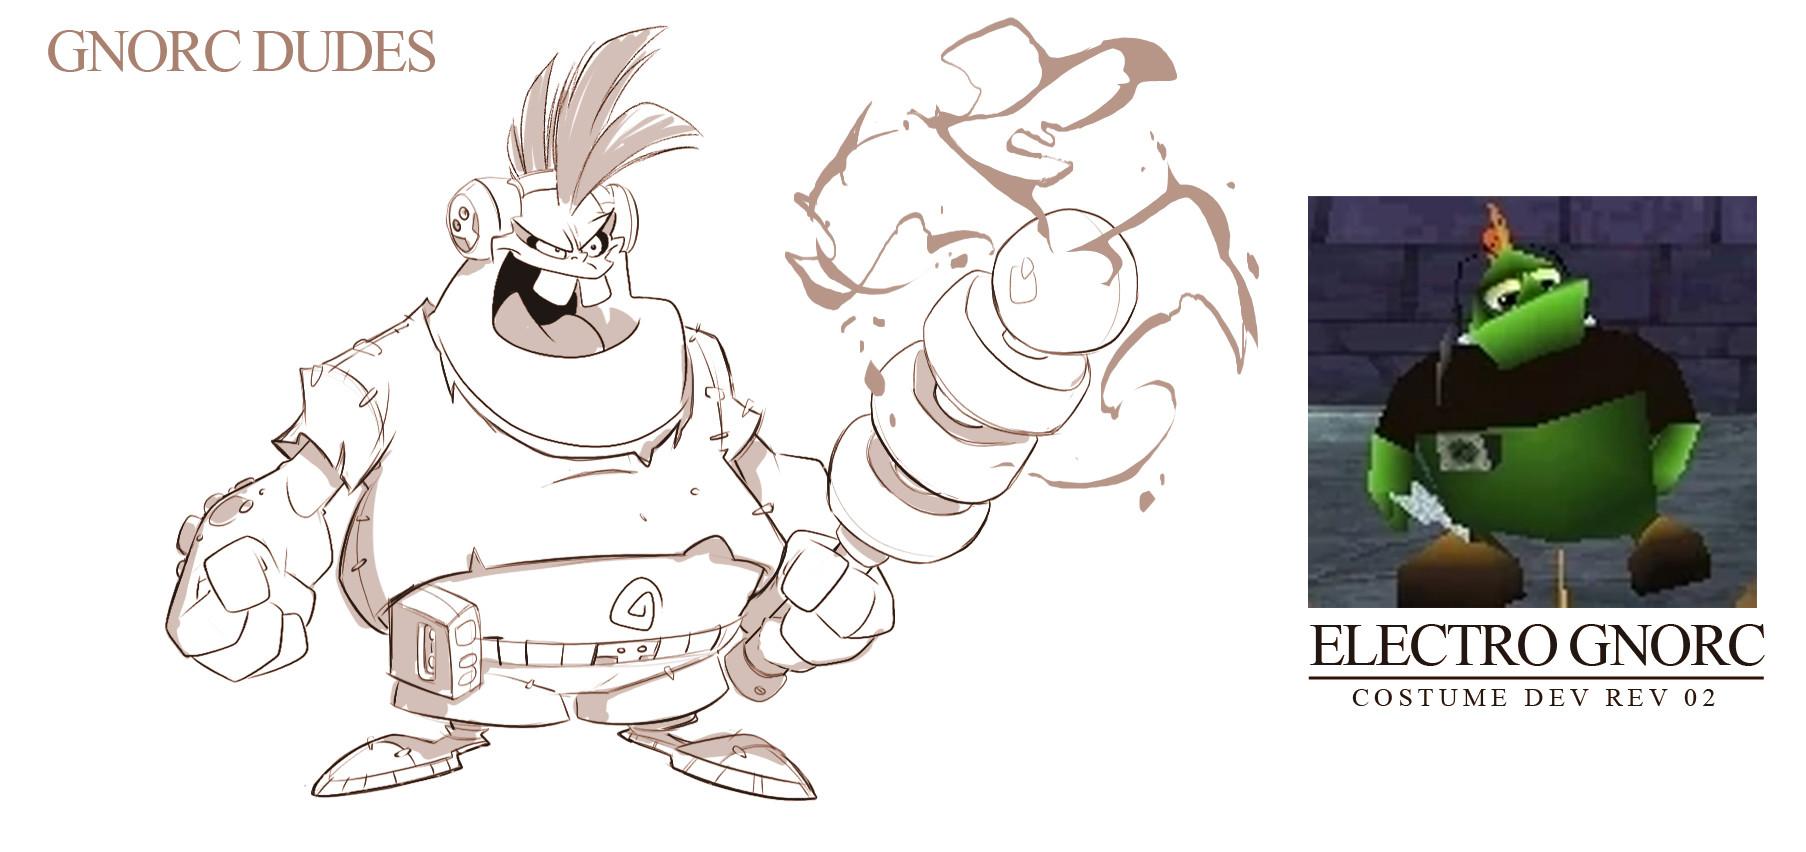 Rob duenas electro gnorc rev 02